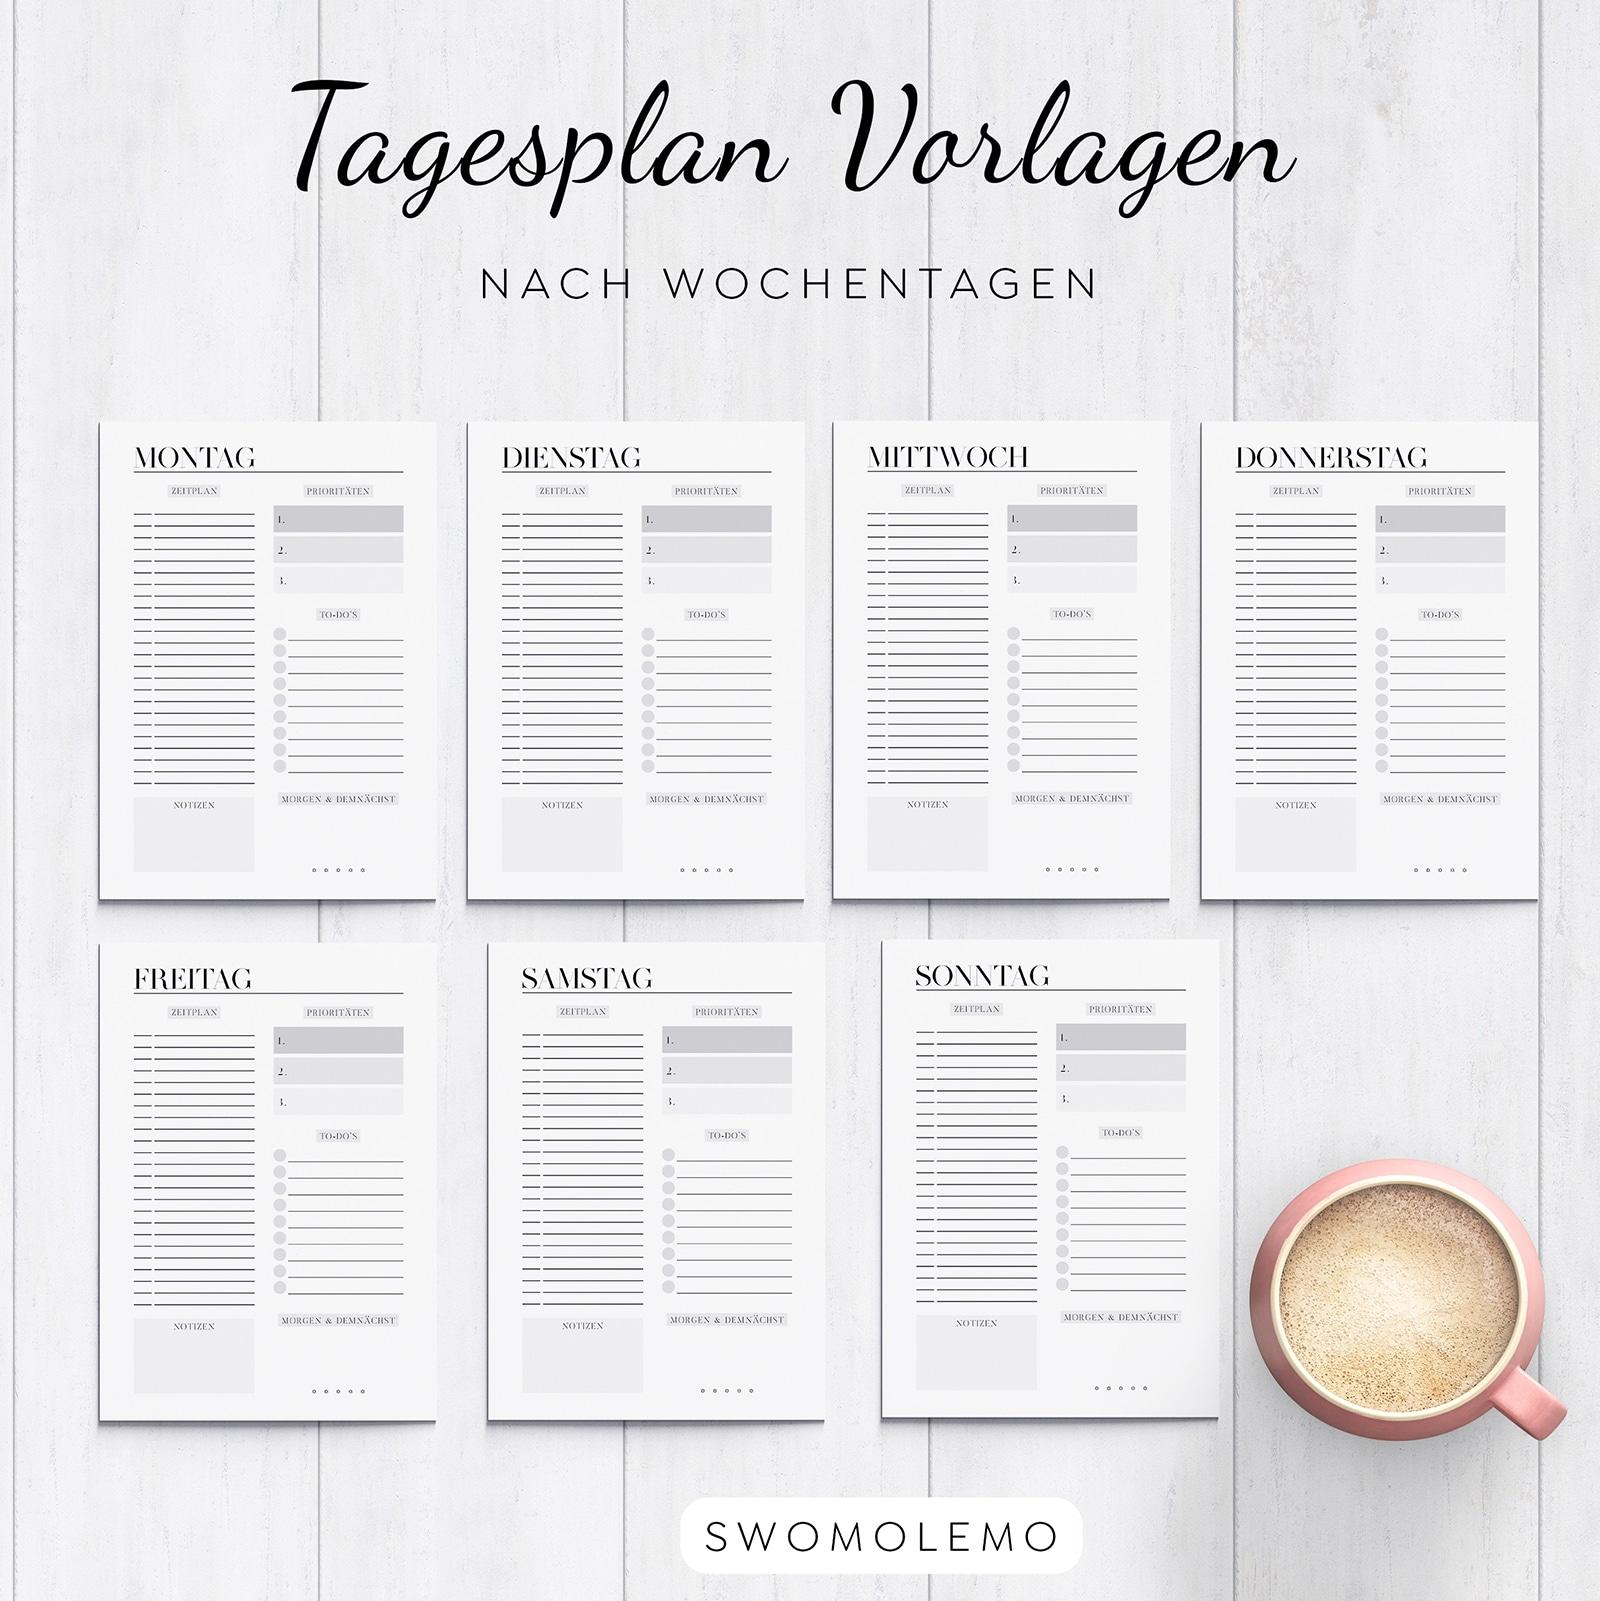 Tagesplan_Vorlagen_nach_Wochentagen_für_jeden_Tag_download